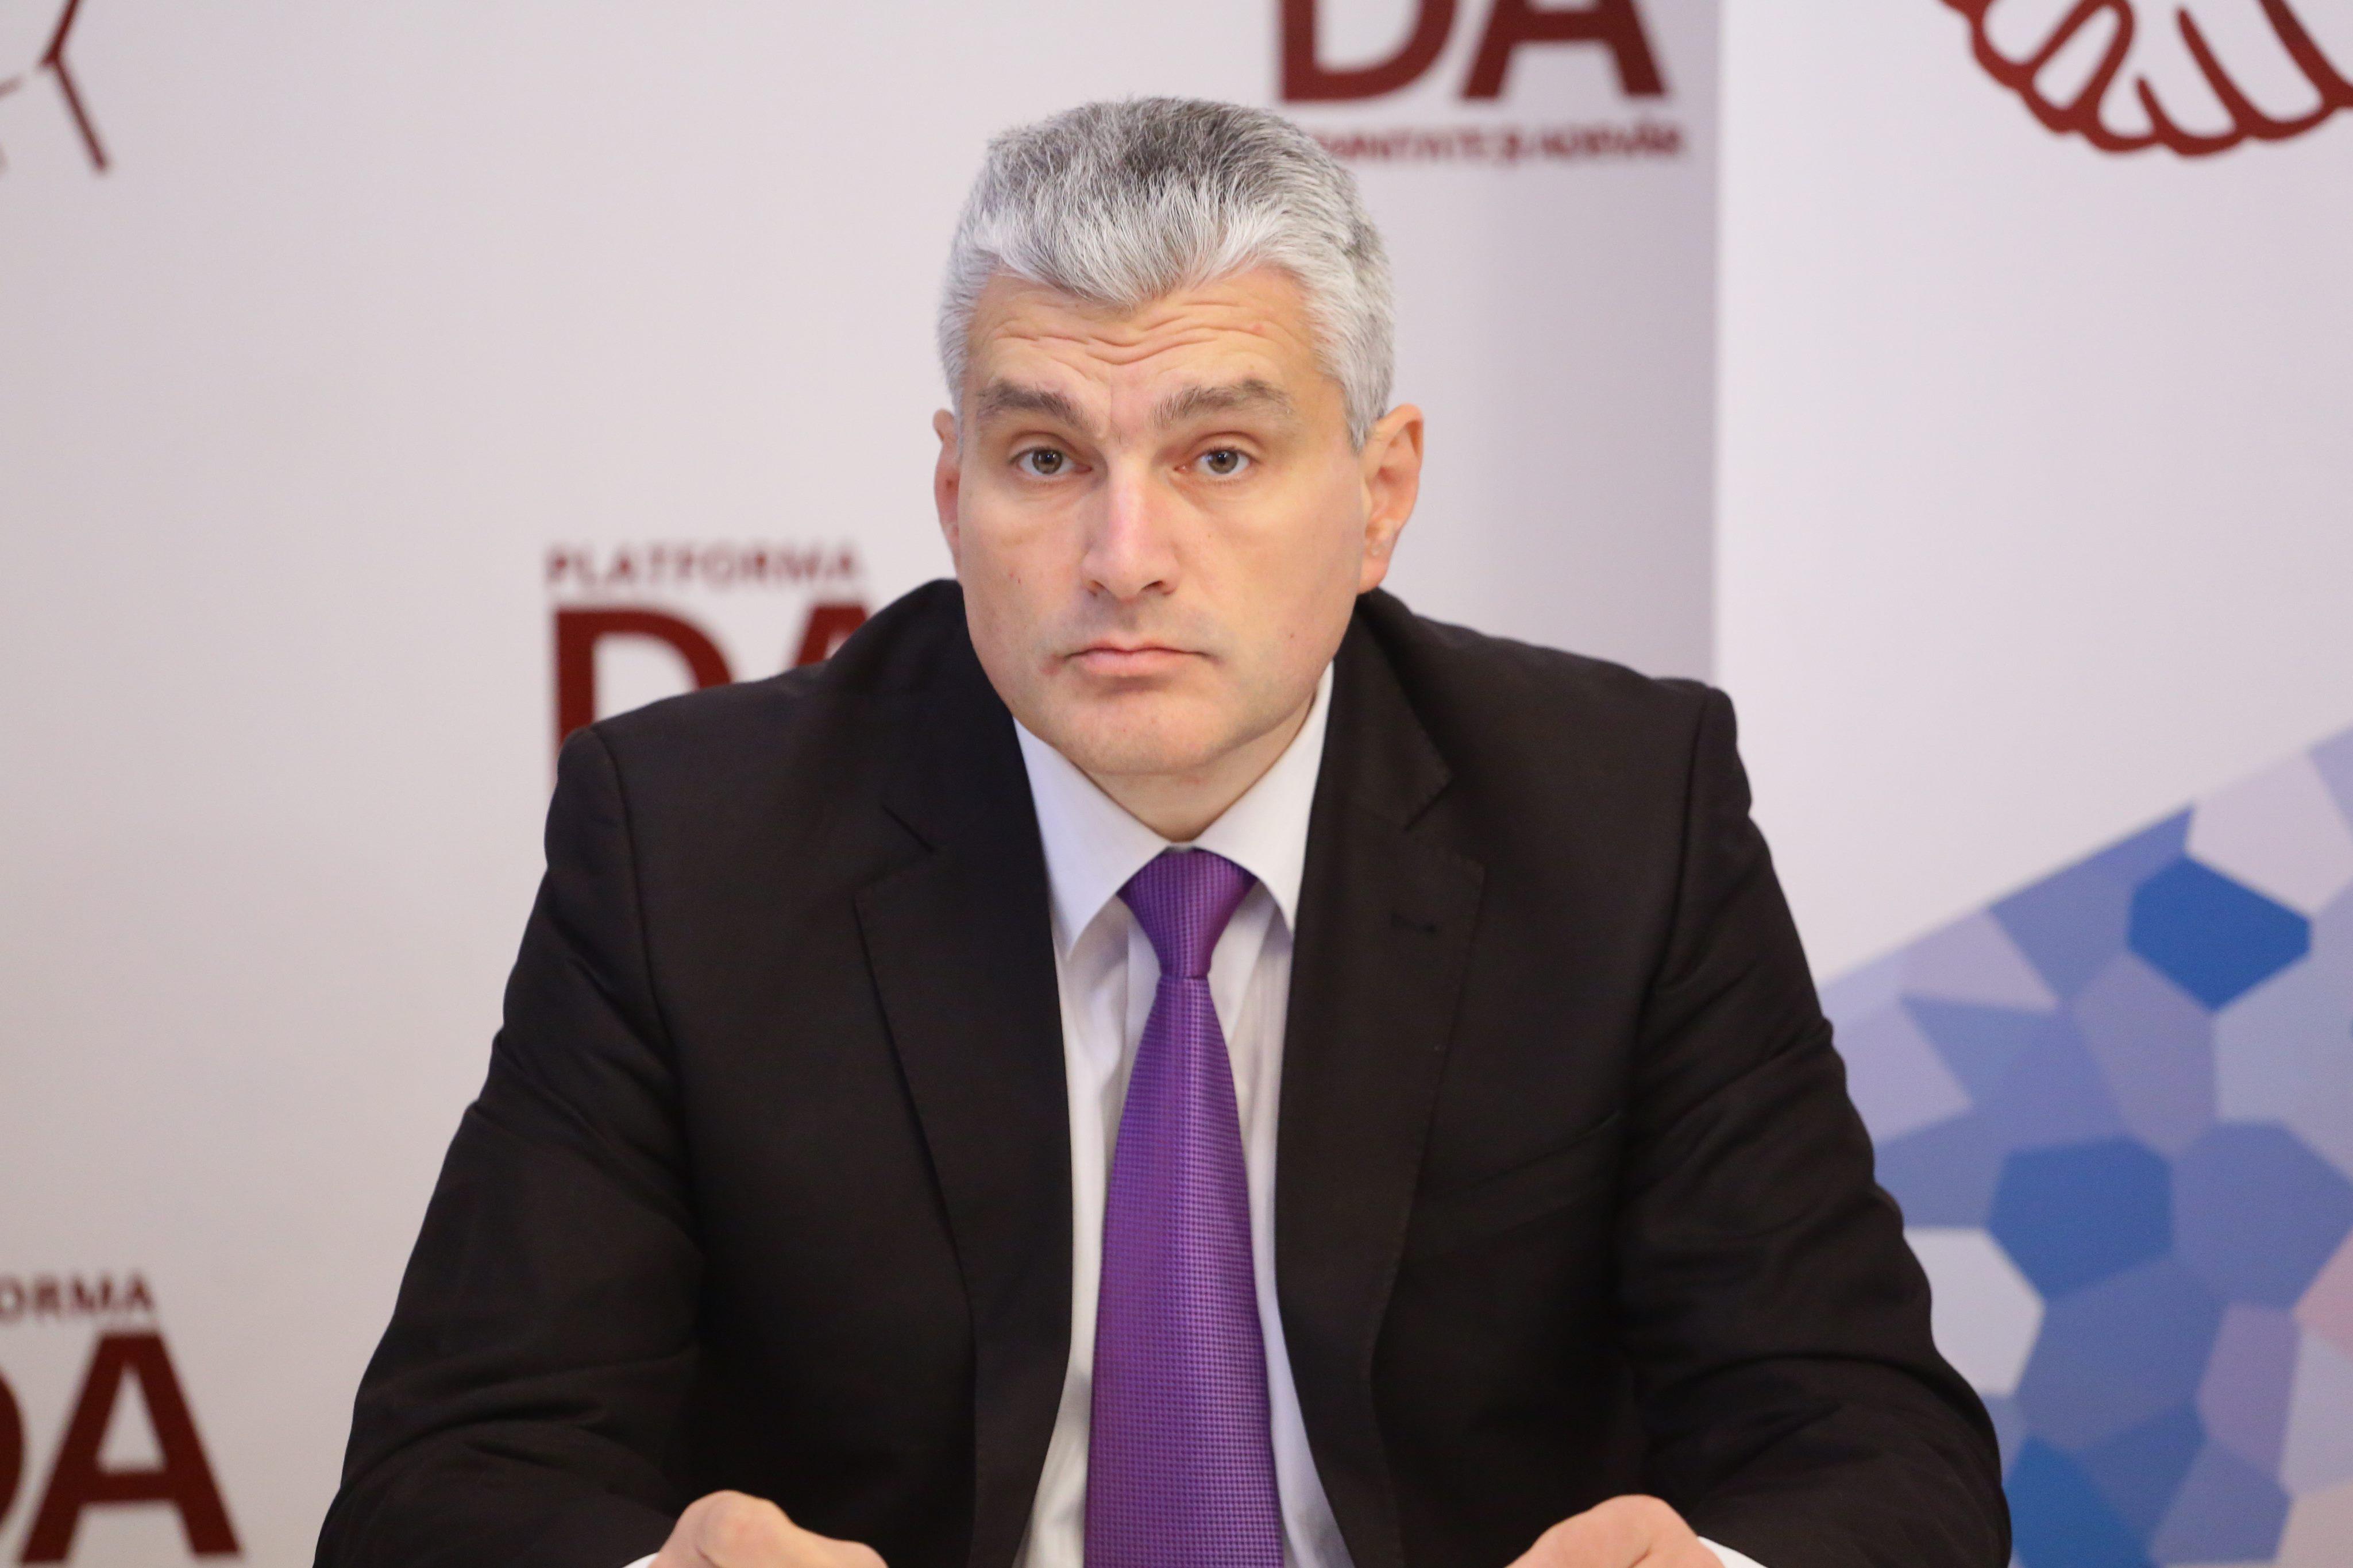 Я русский. Я думаю на русском языке. В семье говорю преимущественно на русском. Но я депутат Республики Молдова